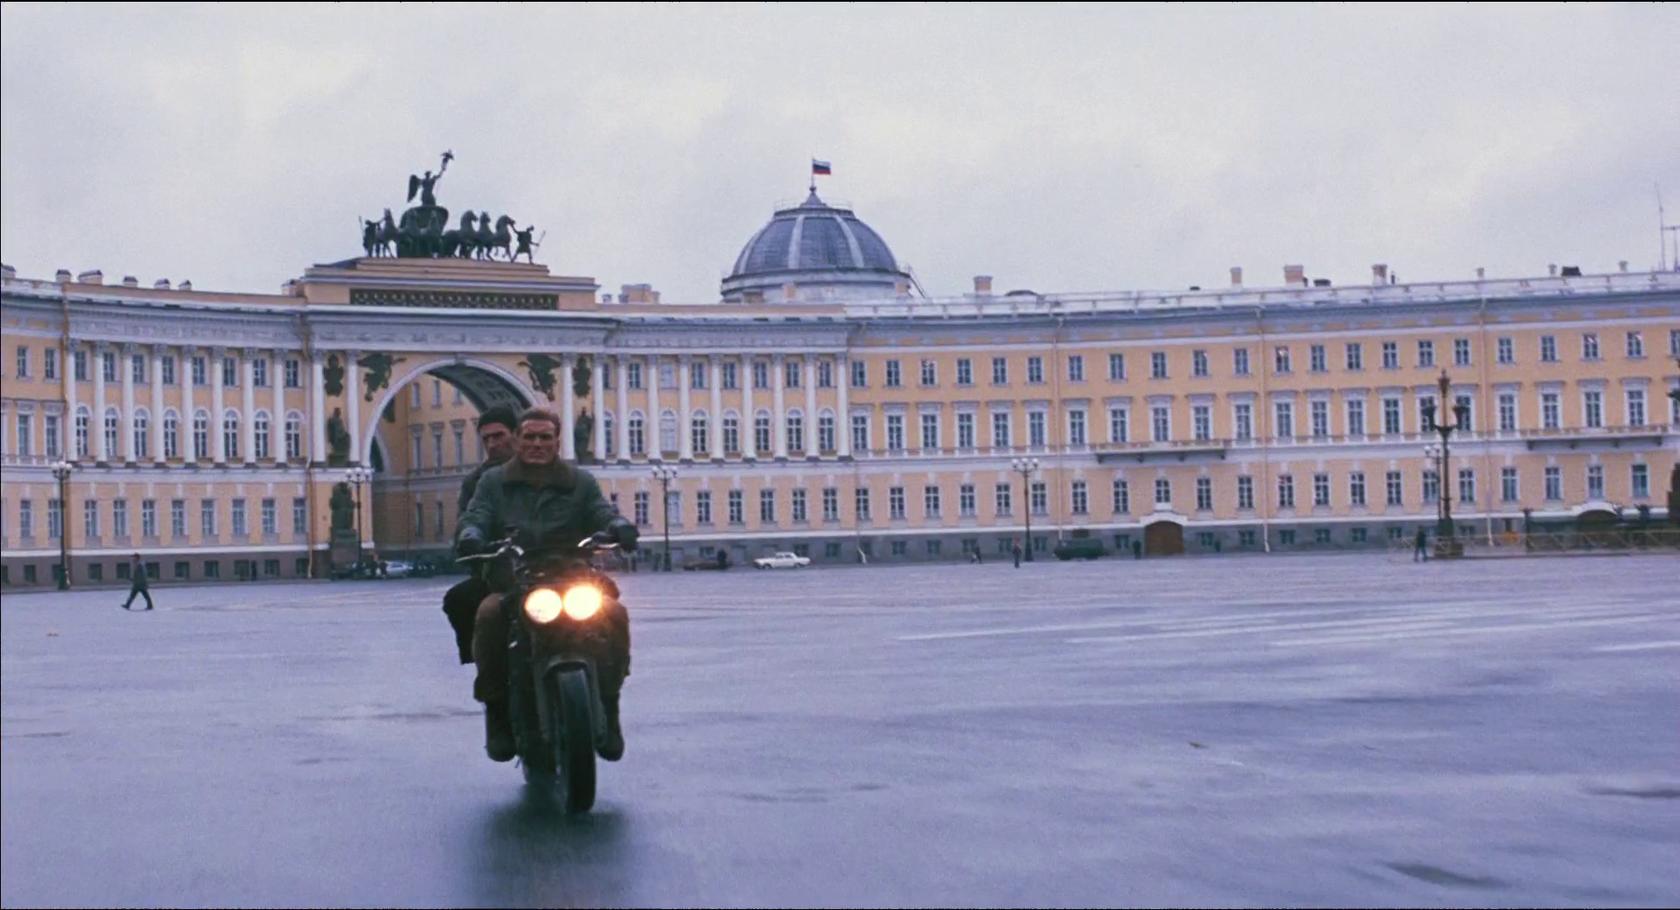 Дворцовая площадь – Лундгрен с компаньоном красиво пересекает её на мотоцикле.